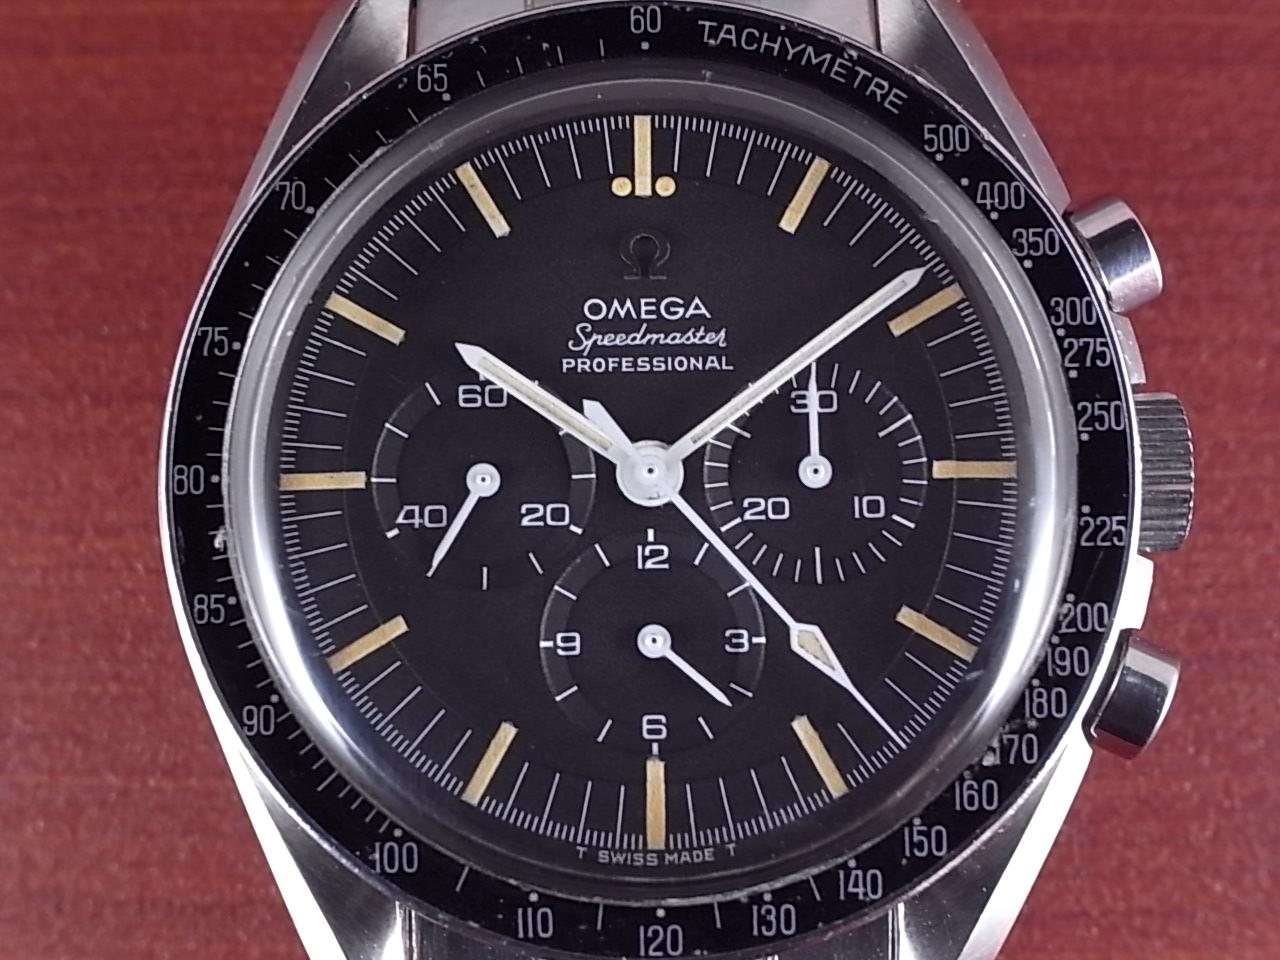 オメガ スピードマスター 4th フォースモデル Ref.105.012 キャタピラブレス 1960年代の写真2枚目